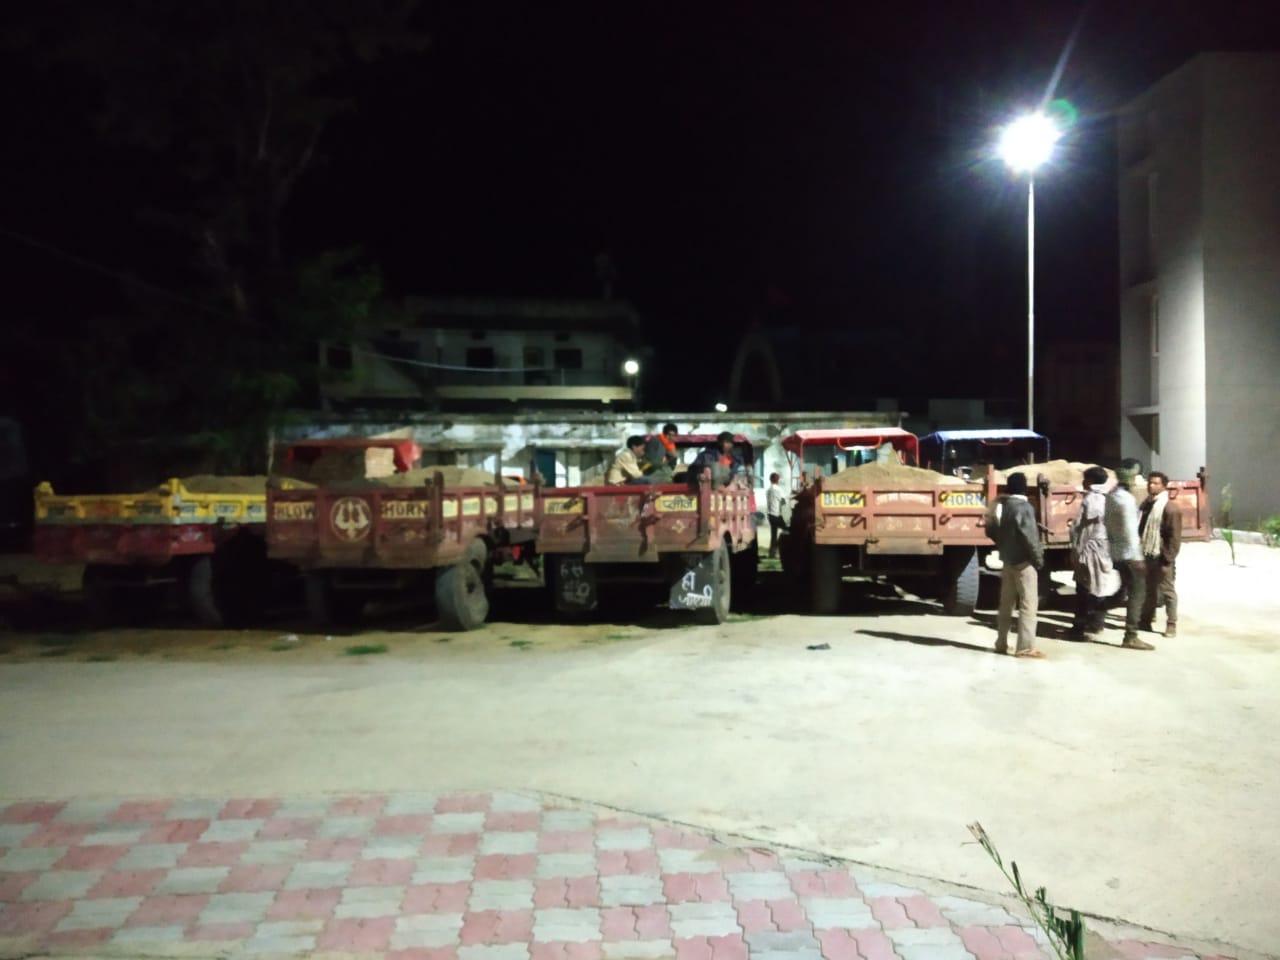 रात में हो रहा परिवहन, पुलिस ने दी दबिश, जानिए क्या है मामला